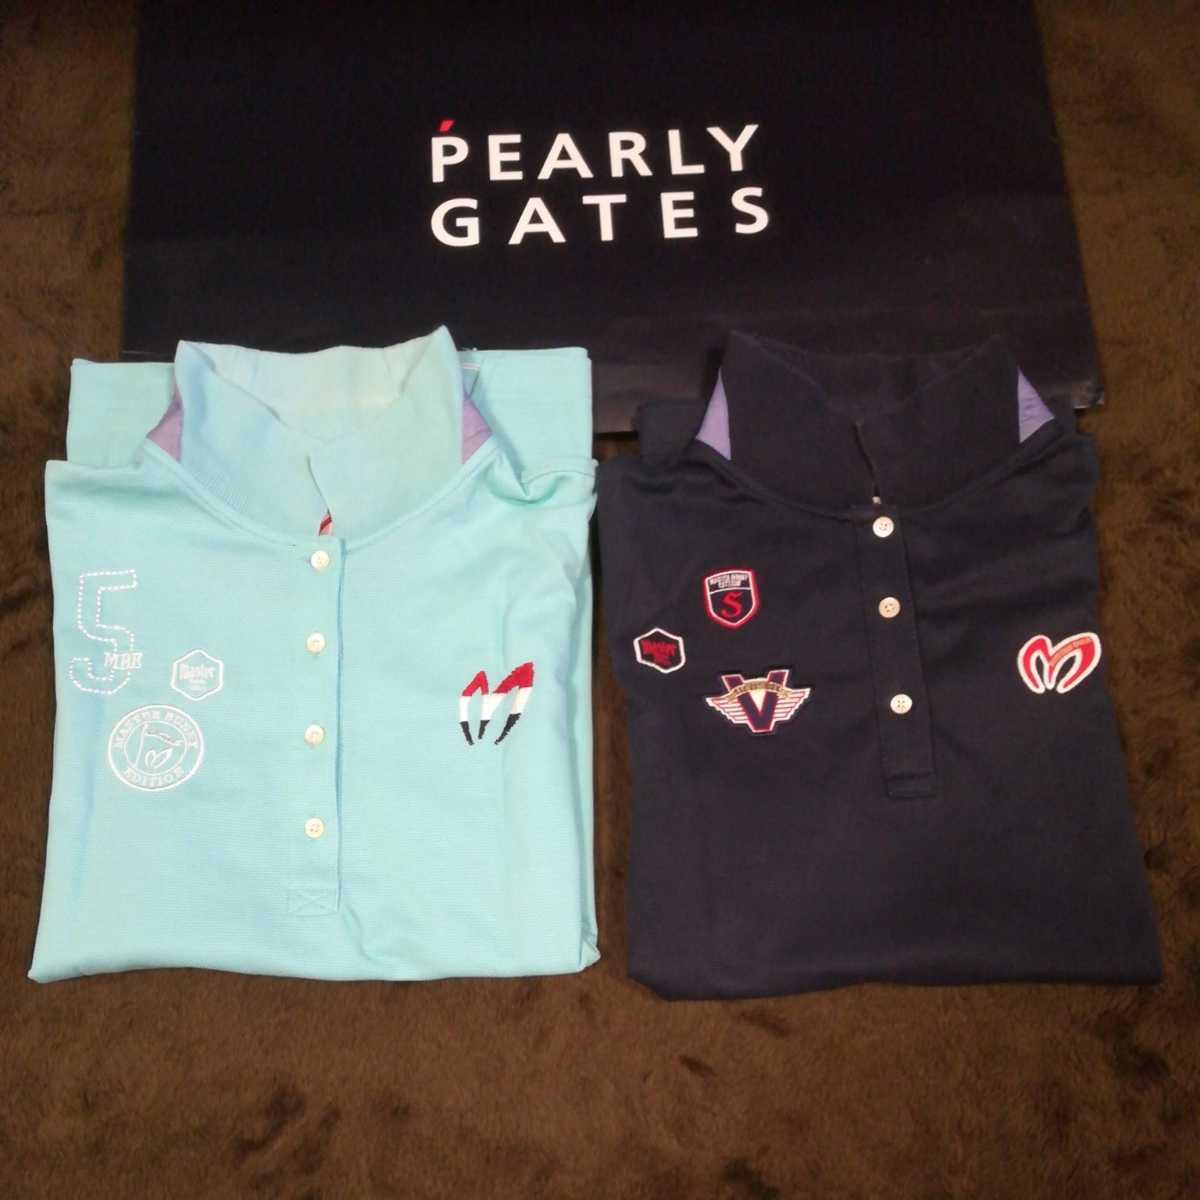 中古 正規品 マスターバニー パーリーゲイツ サイズ2 高品質エアロタッシェ素材 高機能 ポロシャツ 2枚セット 送料無料_画像1